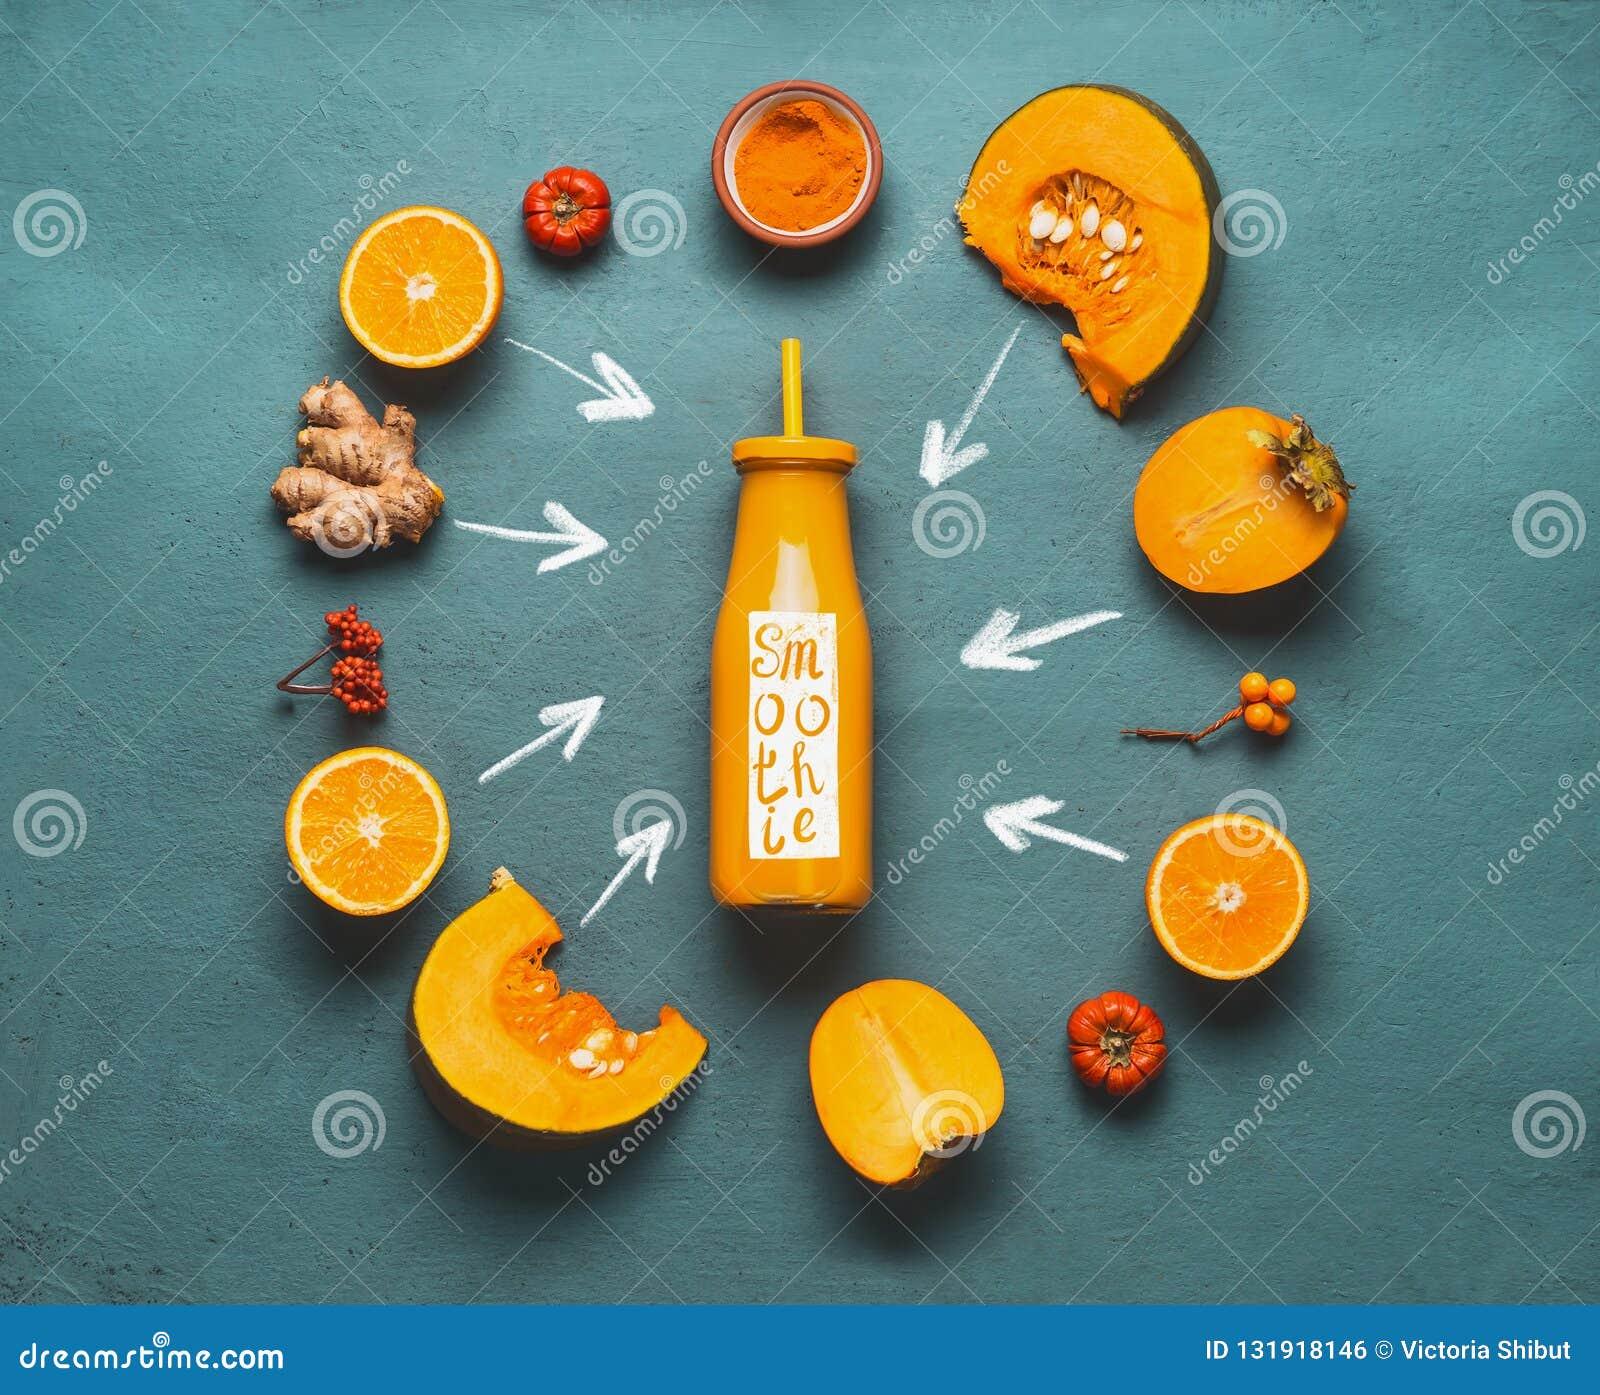 Ingredientes alaranjados do batido: abóbora, caqui, pó alaranjado dos frutos, do gengibre e da cúrcuma em torno da garrafa